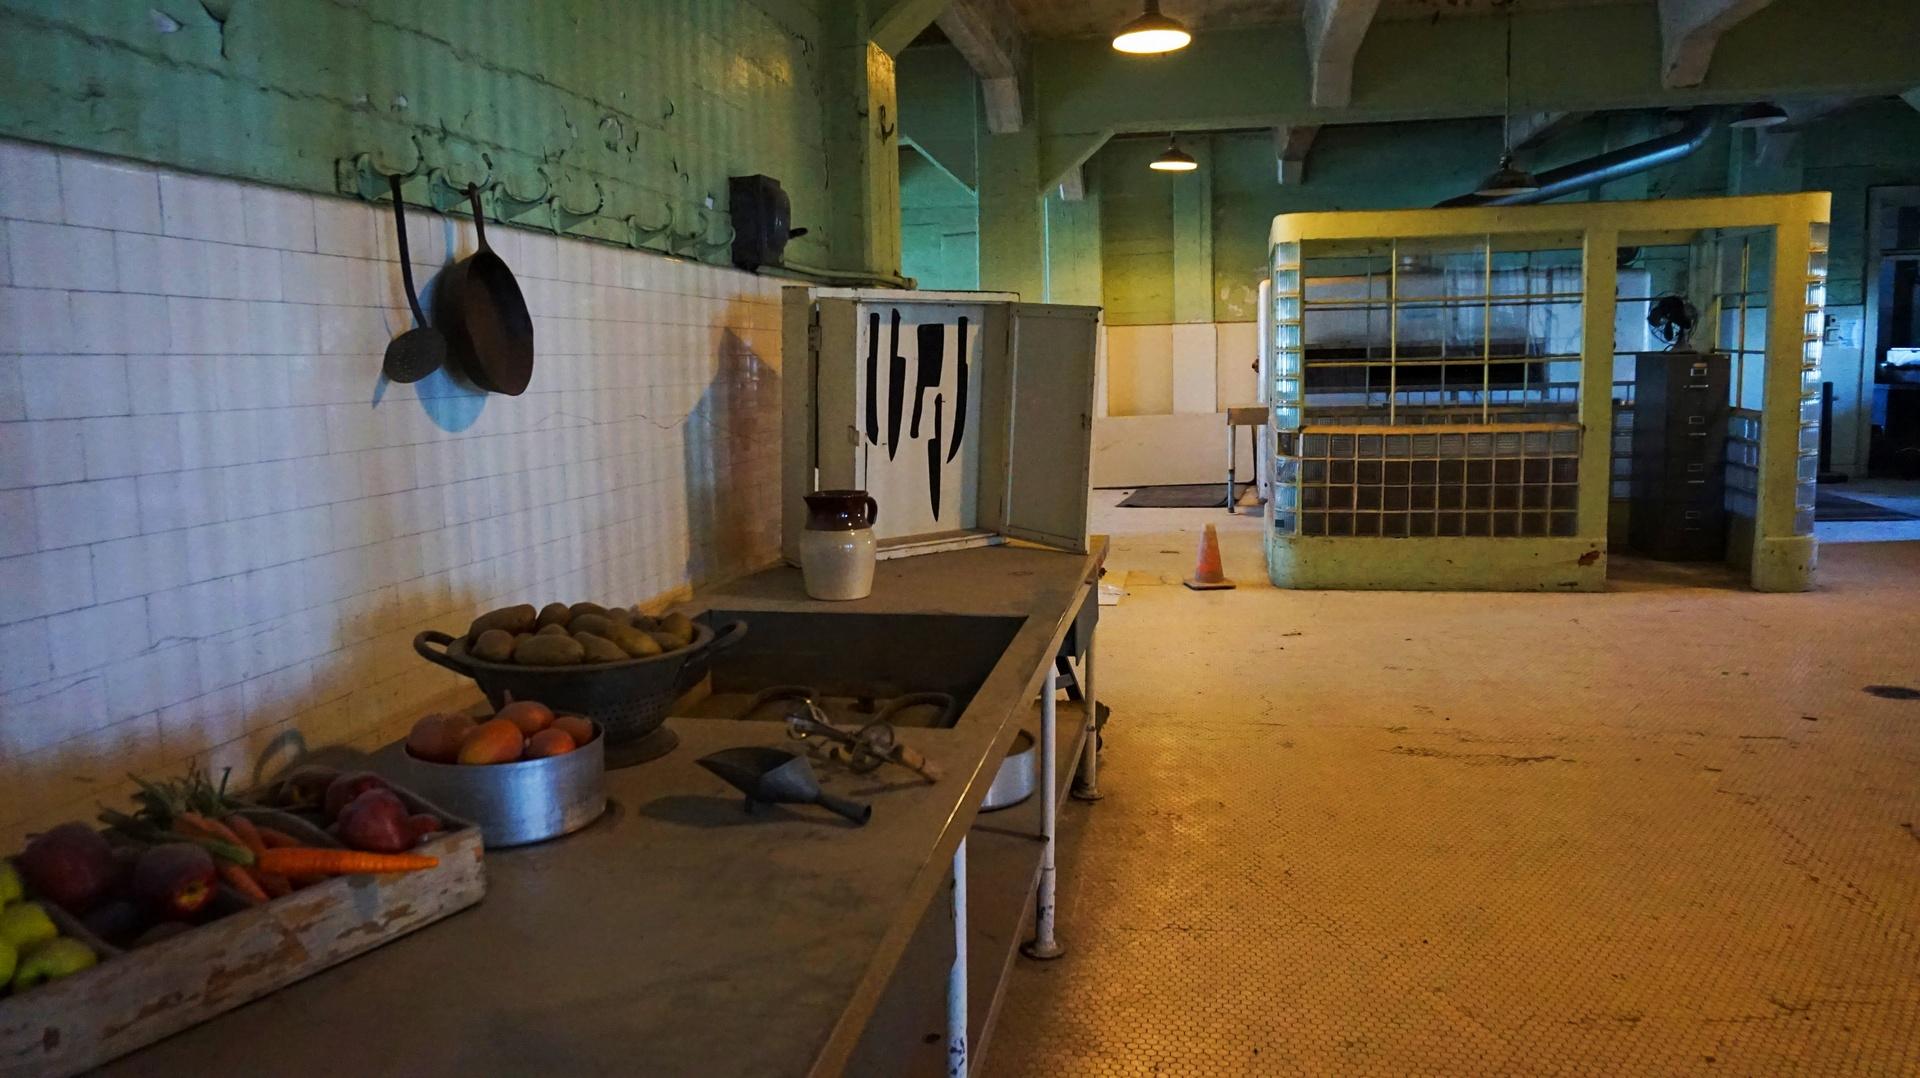 Kuchnia wraz z narysowanymi miejscami na noże w więzeniu Alcatraz, San Francisco, USA | Sway the way